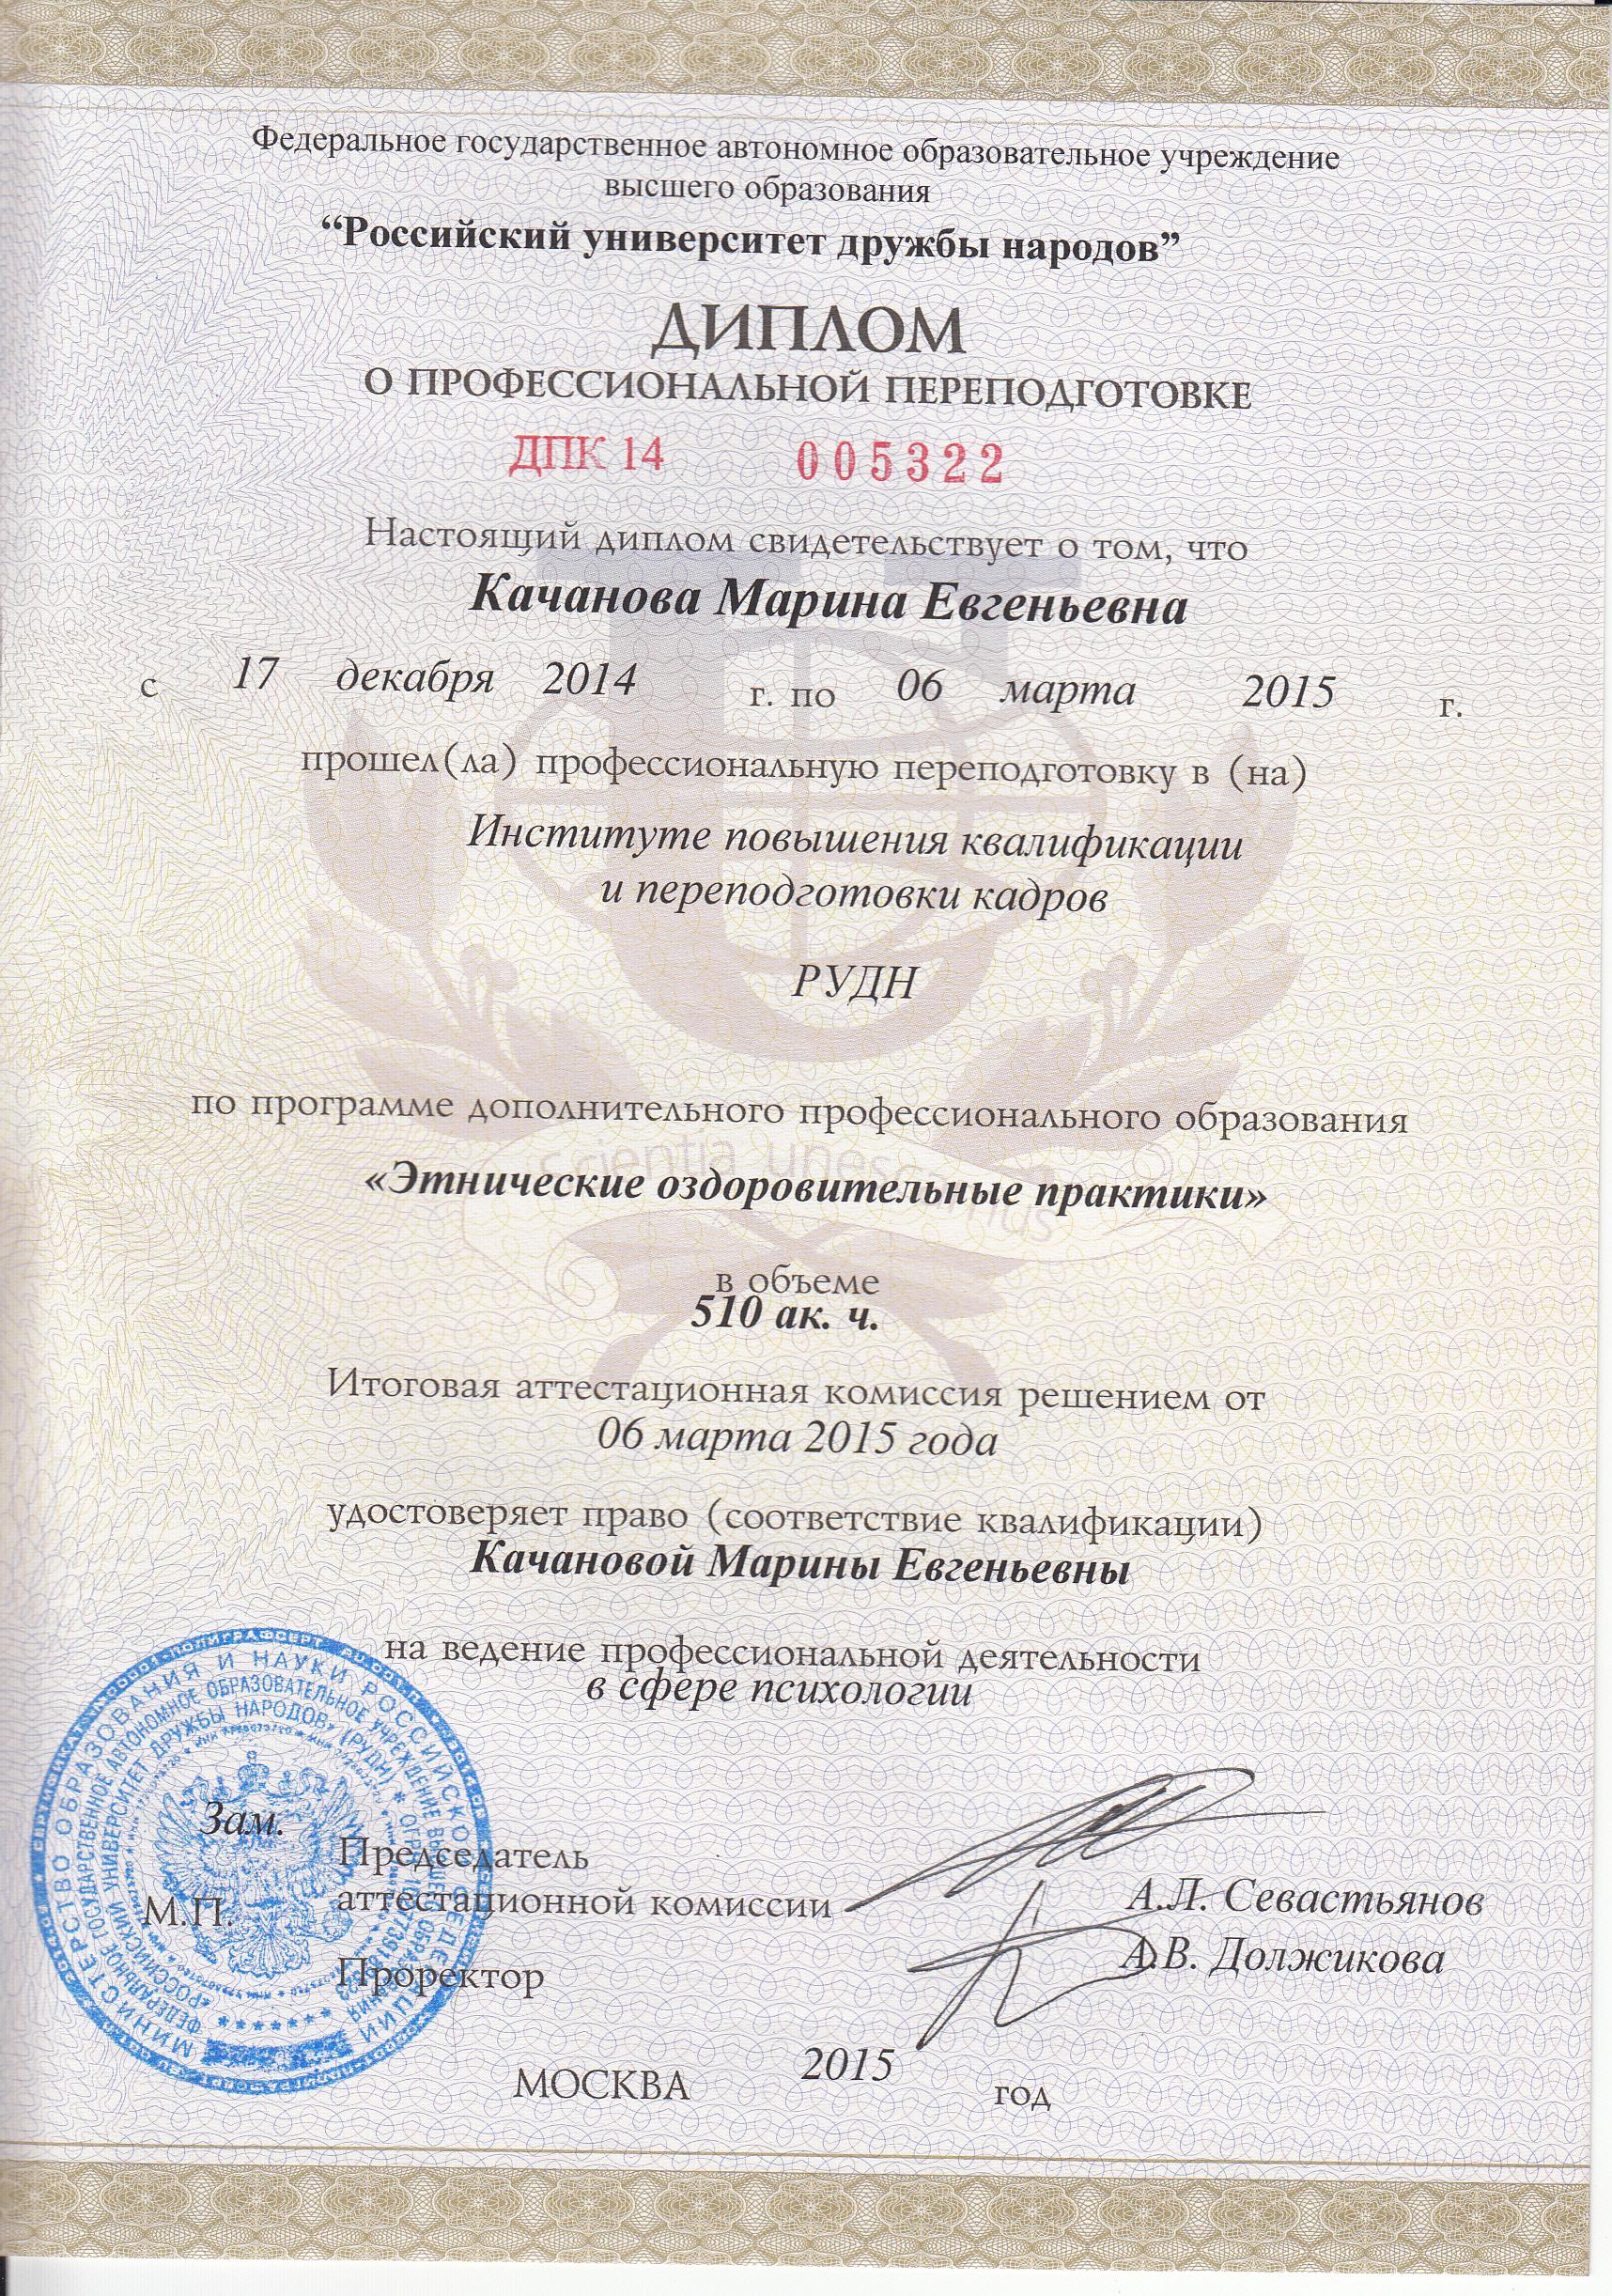 Купить готовый диплом г тольятти в частности например освобождение от купить готовый диплом г тольятти налогов диплом получали греческие солдаты и римские легионеры при завершении